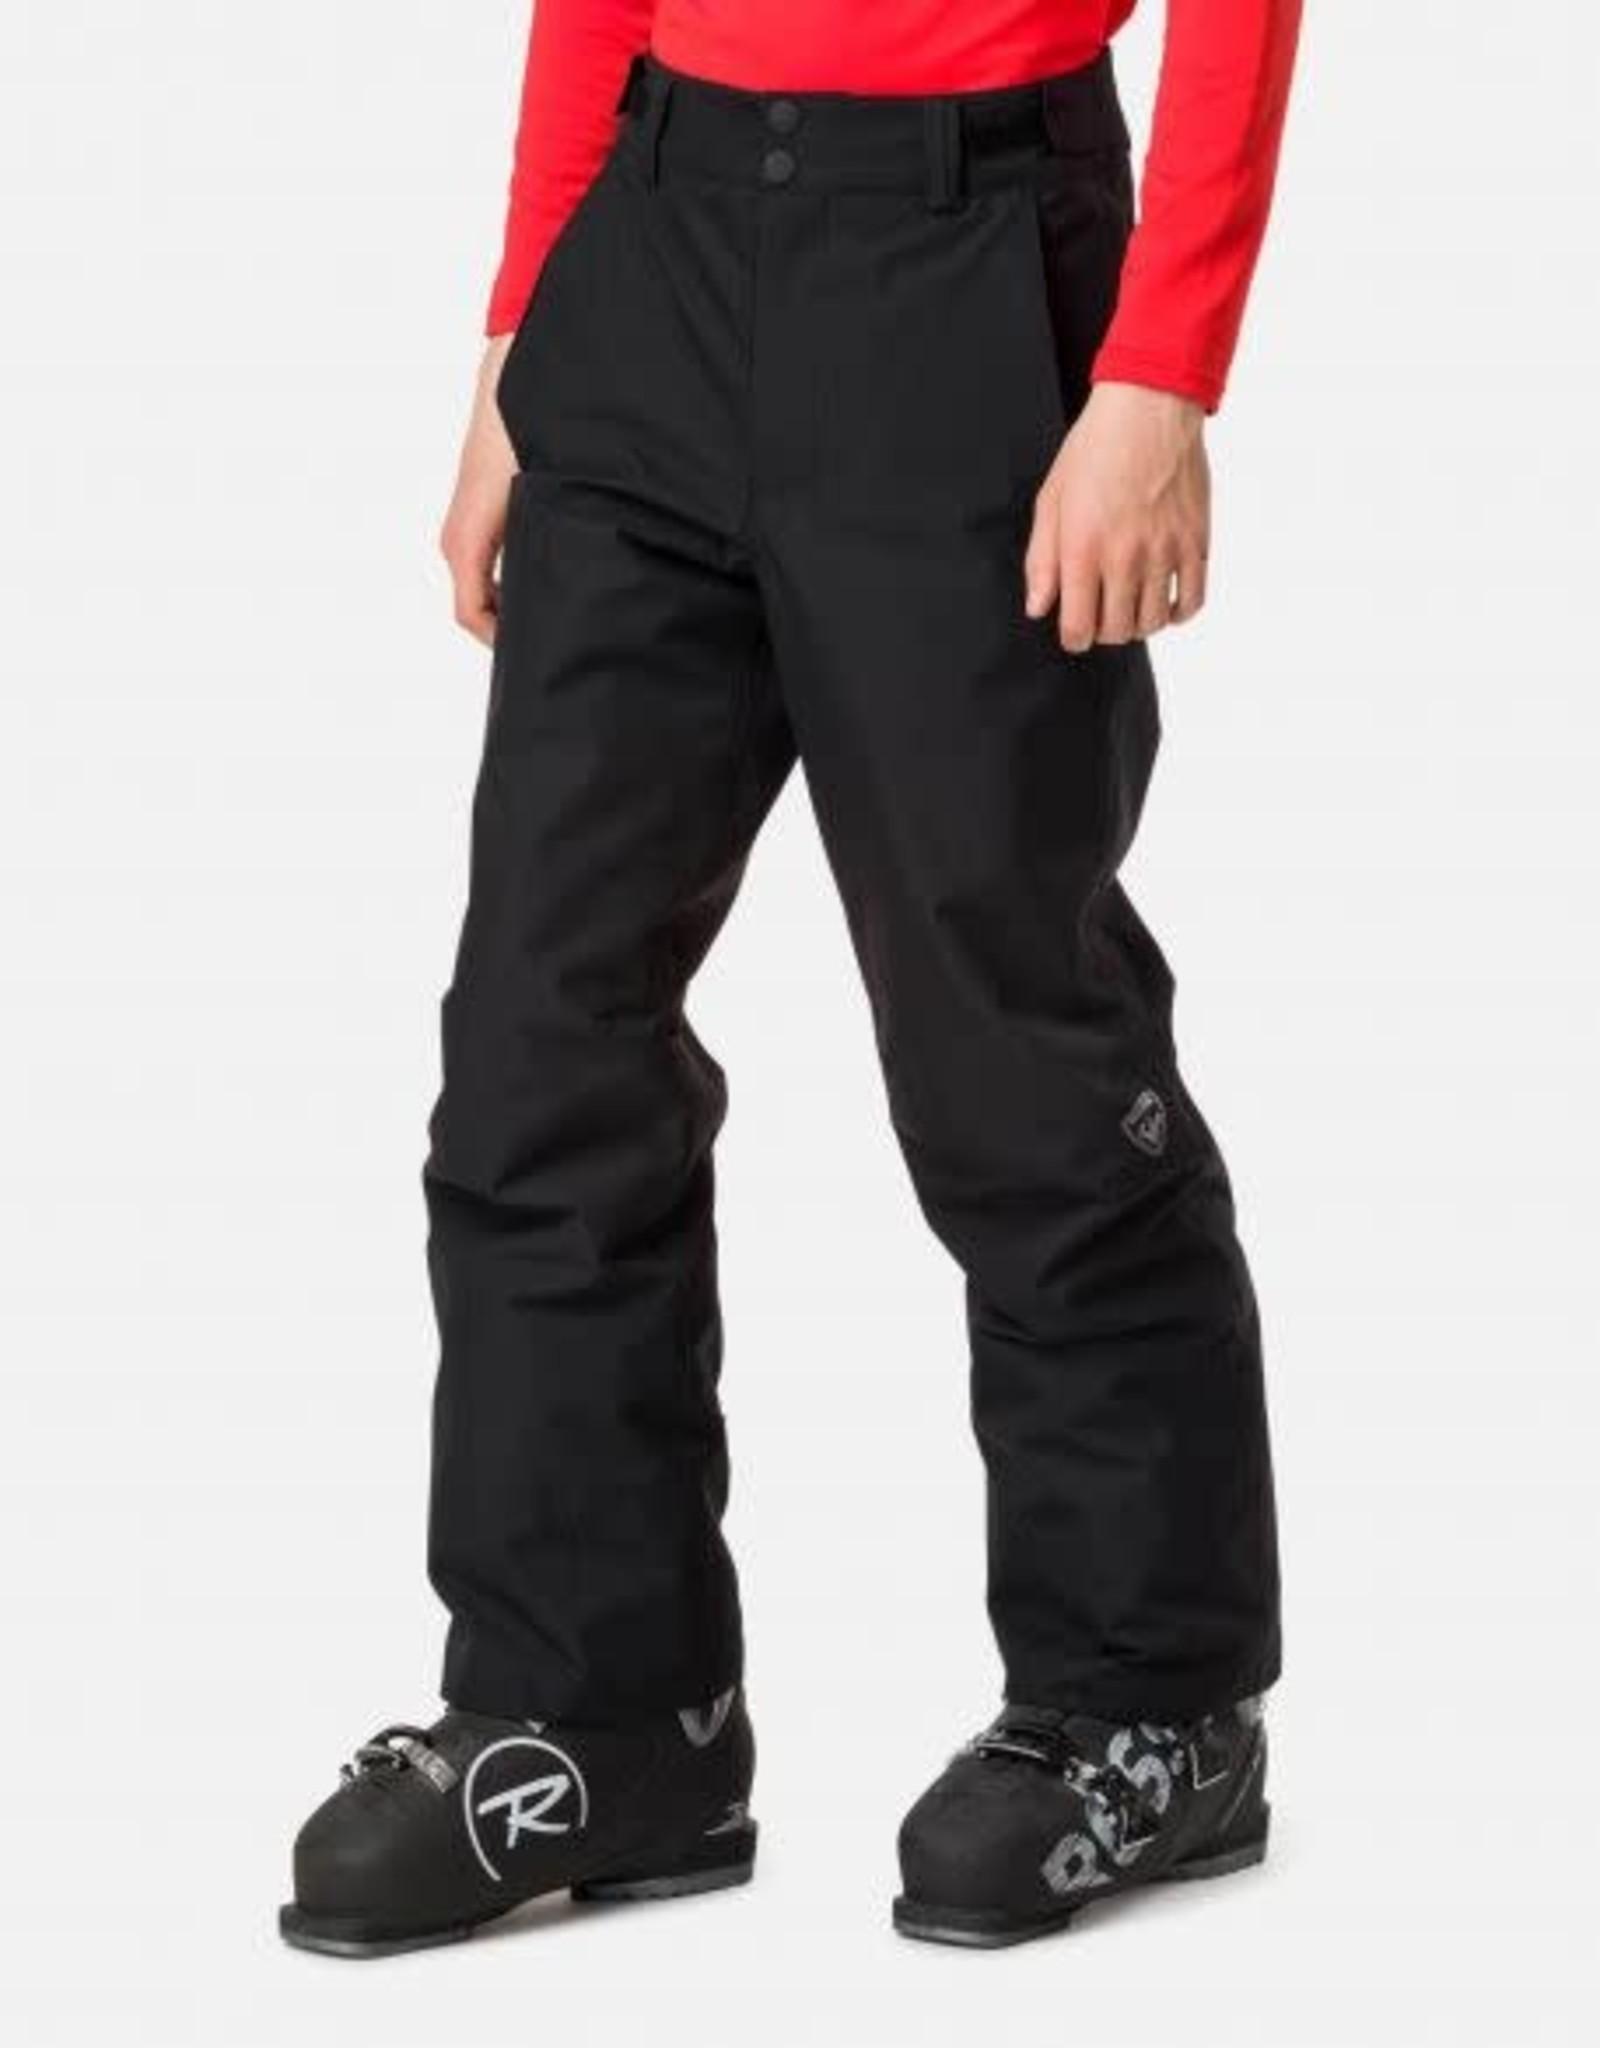 ROSSIGNOL Rossignol JR Ski Pant